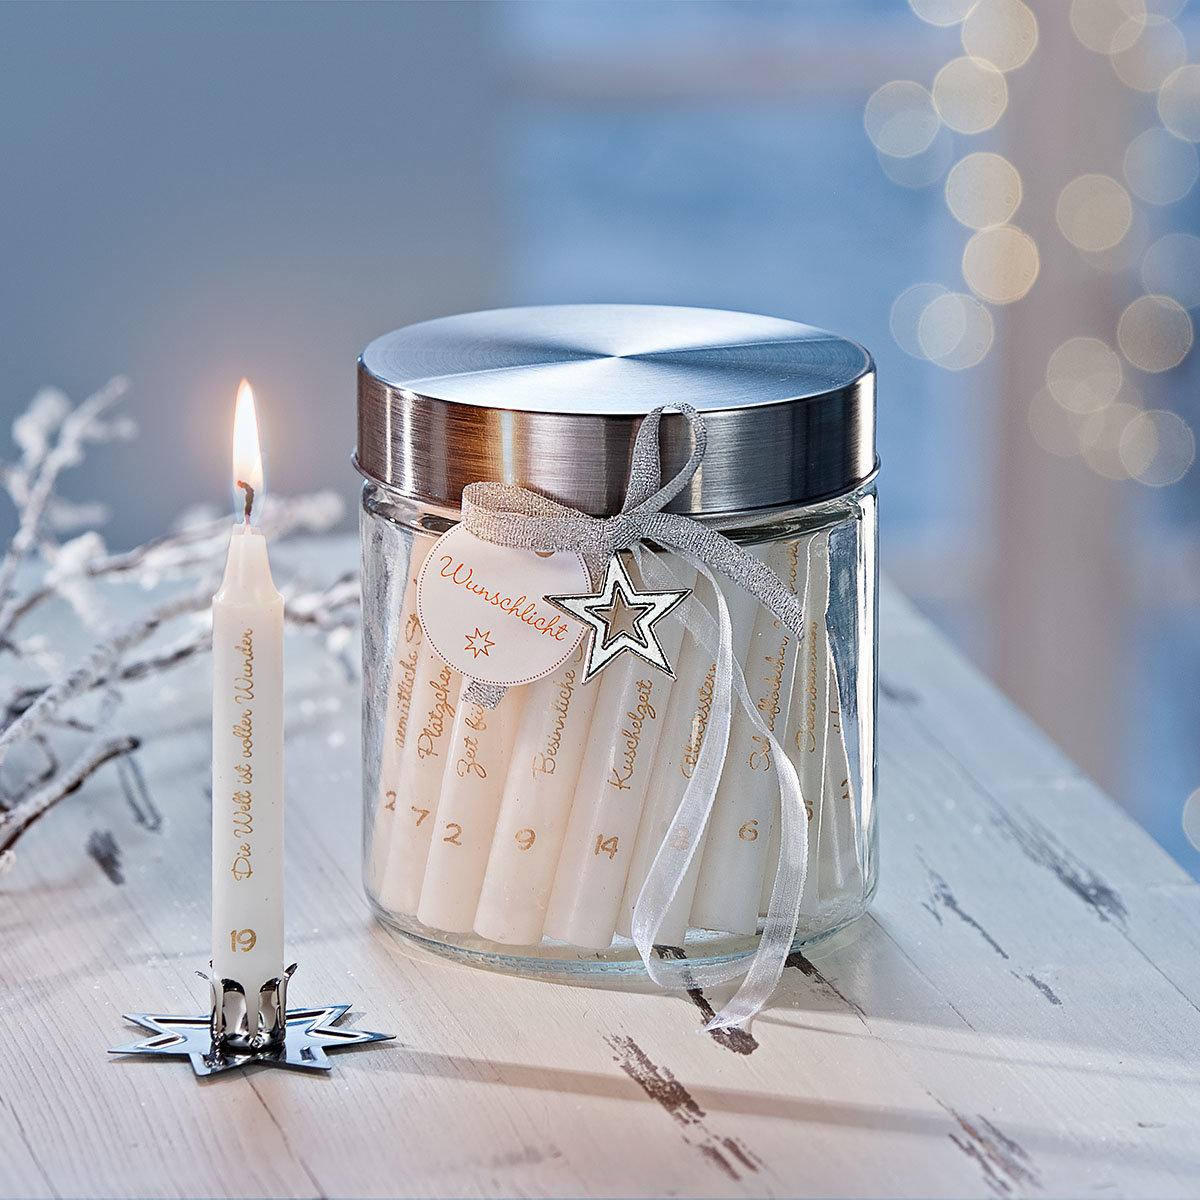 Adventskalender mit 24 Wunsch-Kerzen im Glas